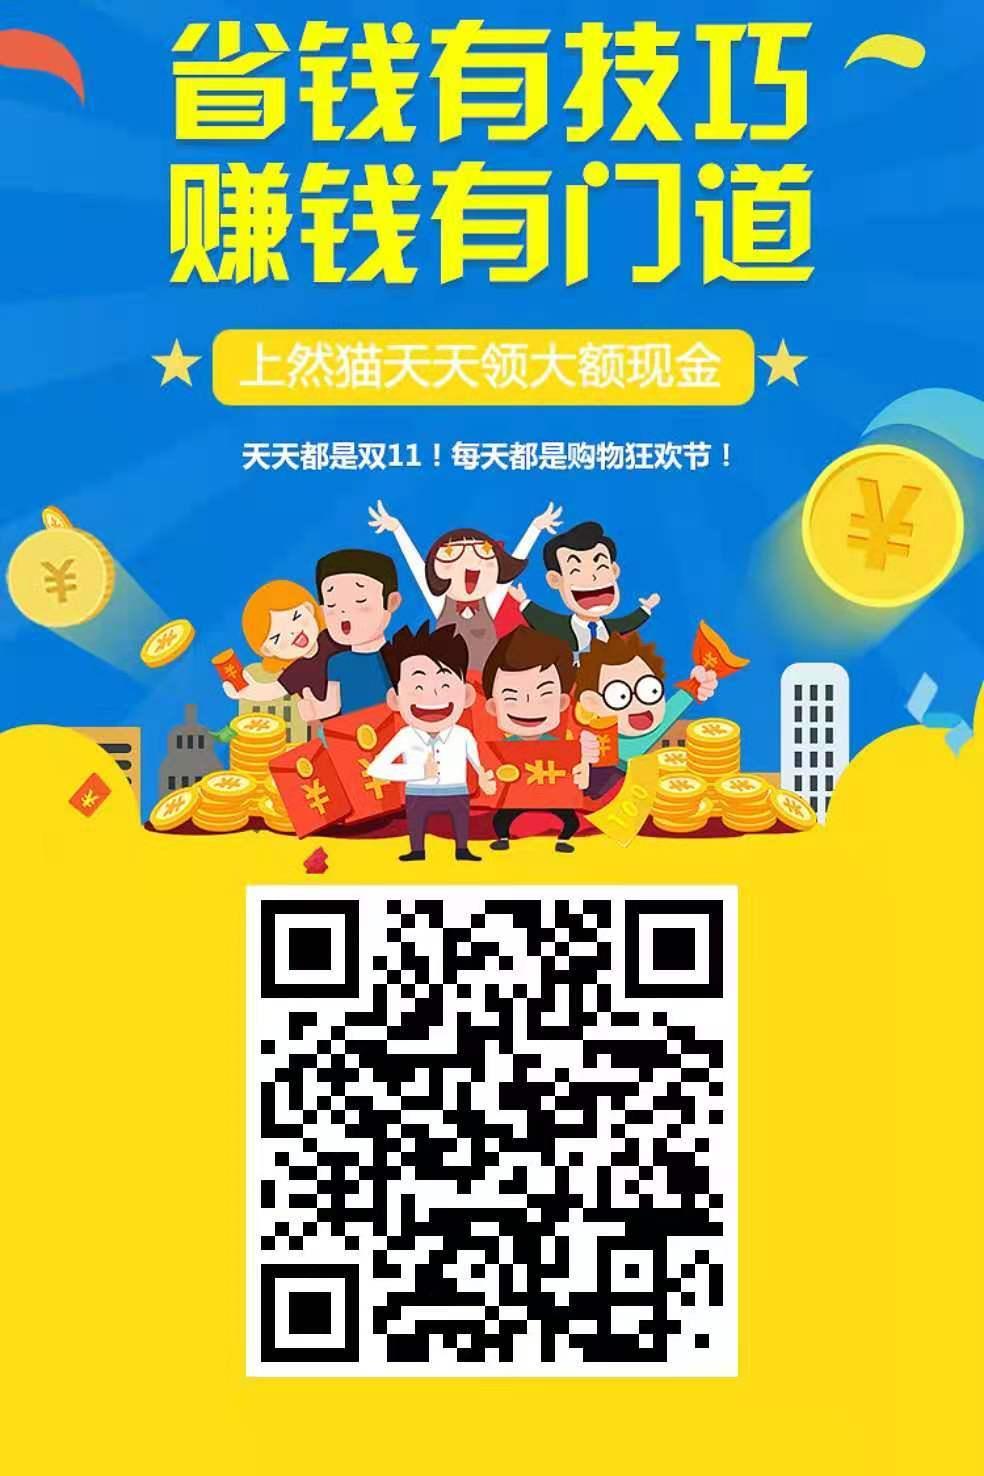 然猫云商app官方下载-最新悬赏任务赚钱平台,一天至少赚50—100元 薅羊毛 第2张